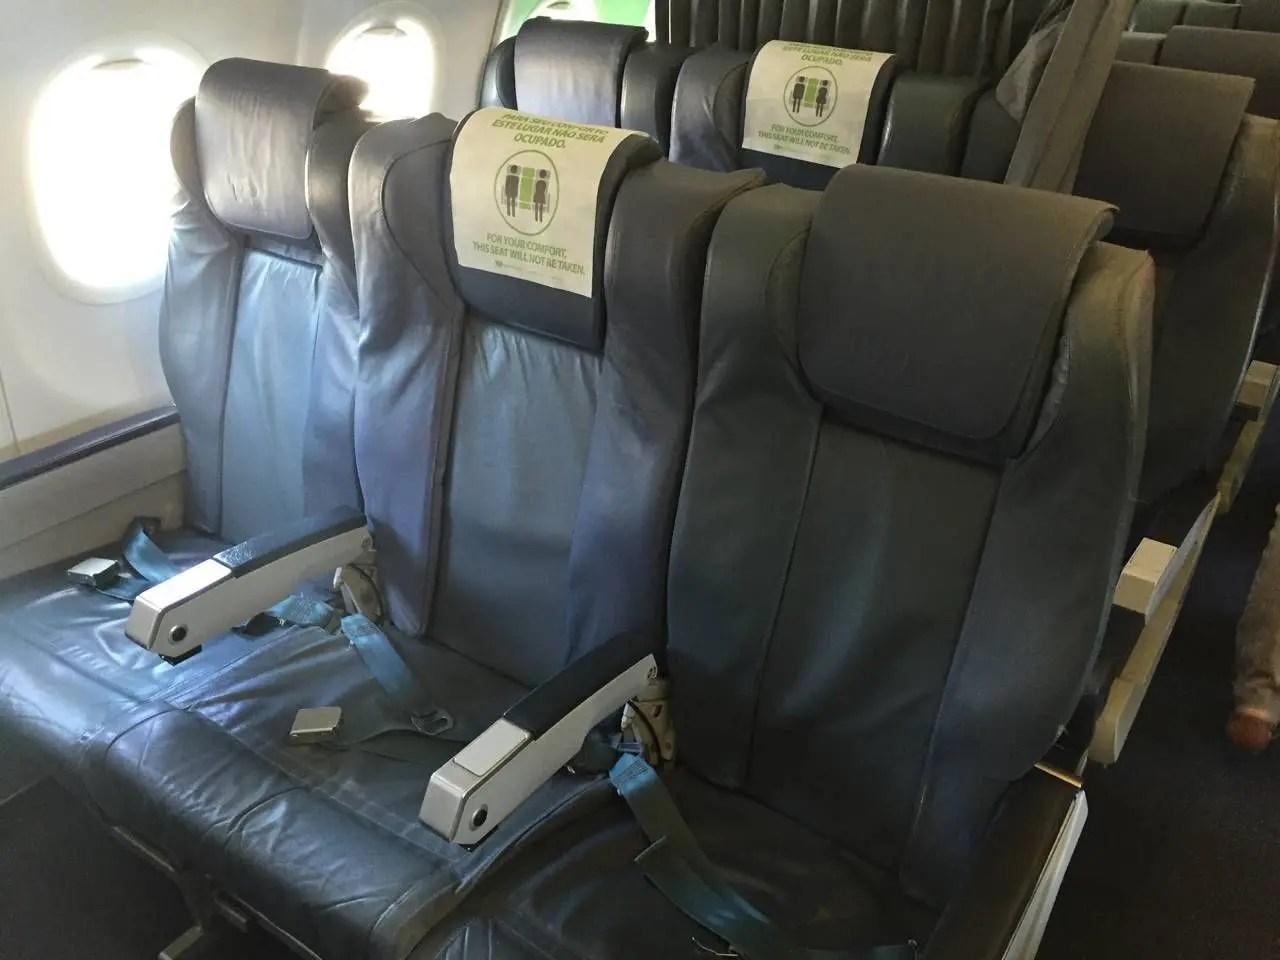 TAP A320 BUSINESS CLASS - 1